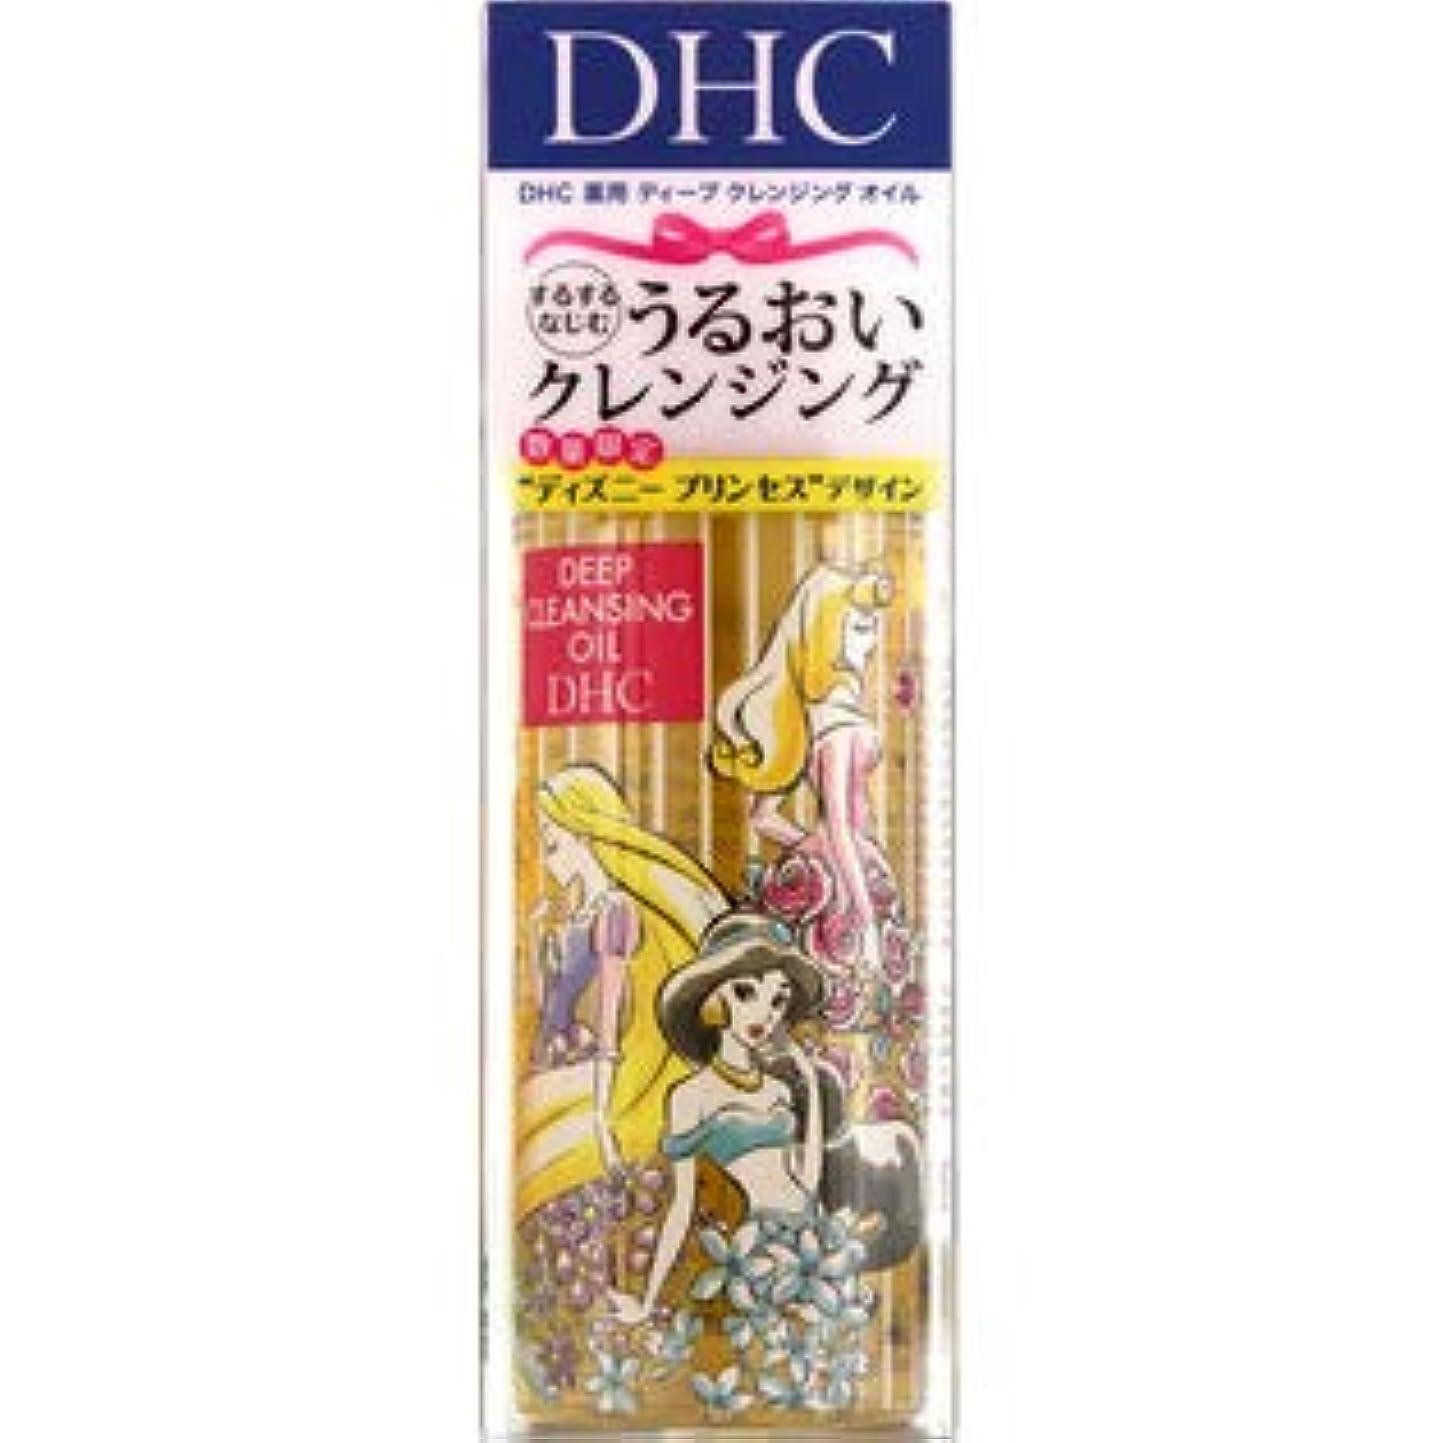 湿った開梱乱闘ディーエイチシー 薬用ディープクレンジングオイル プリンセス(SSL) 150ml(医薬部外品)